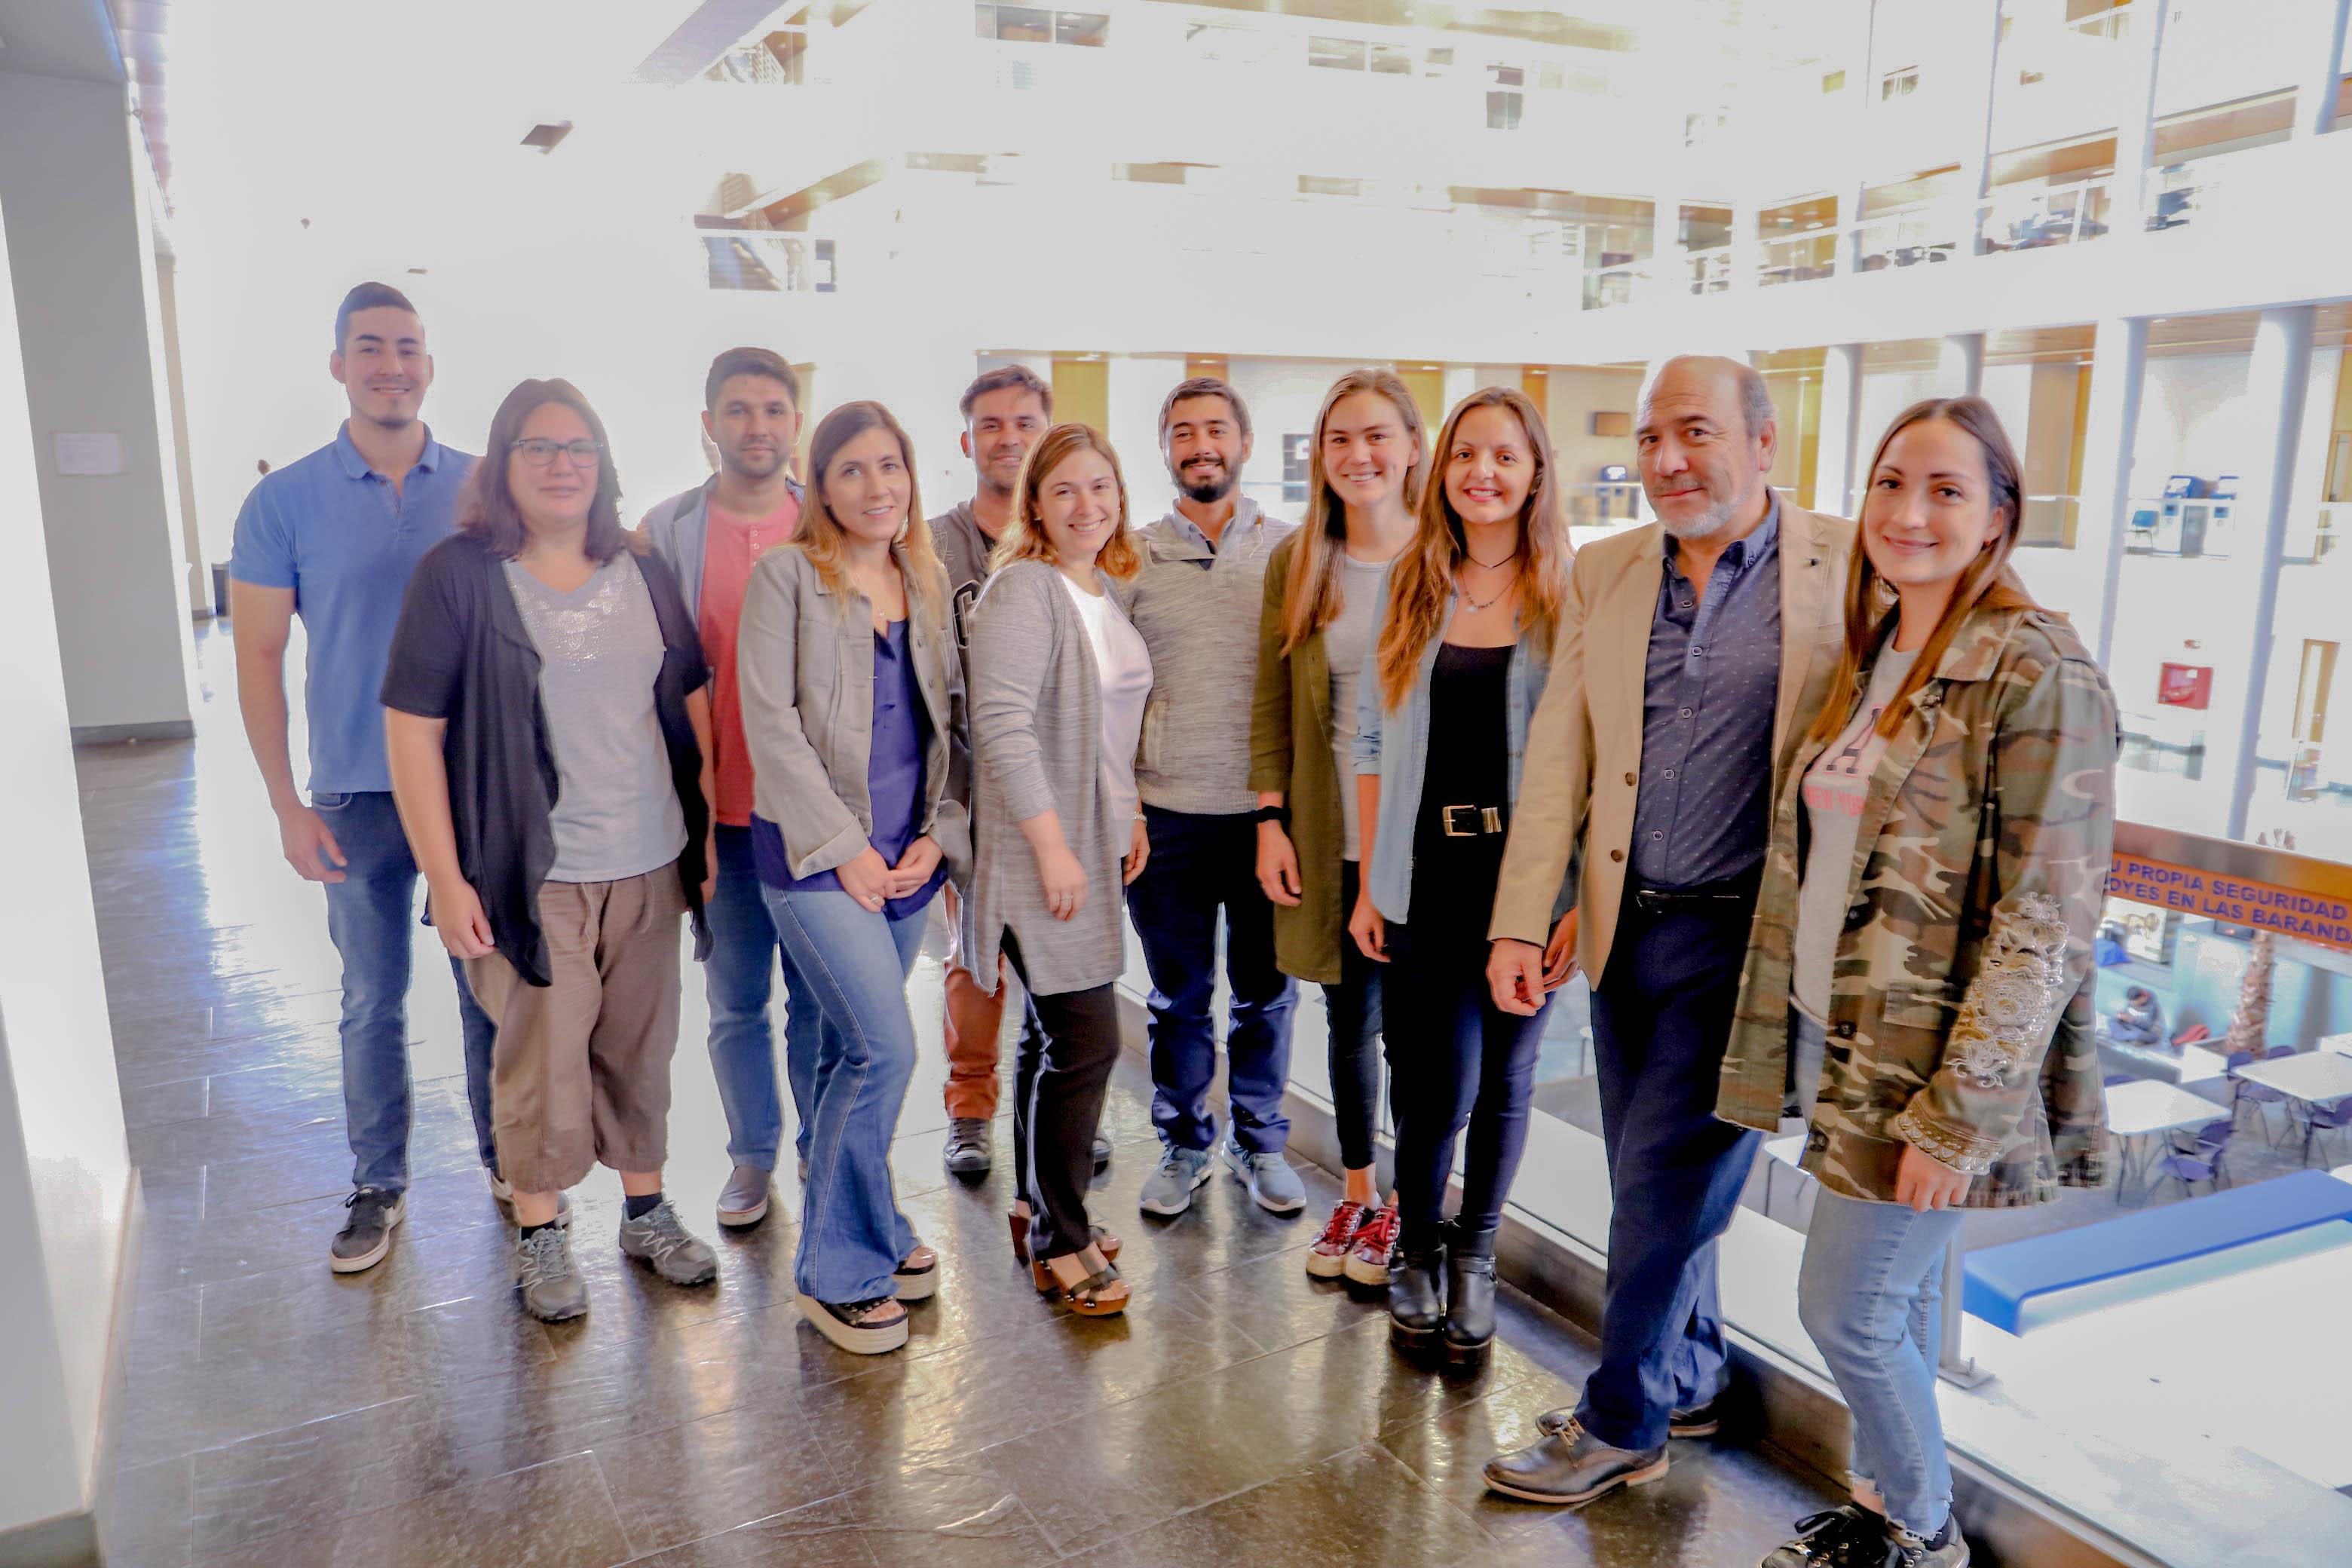 Los estudiantes del postítulo junto a su director, Héctor Monardes